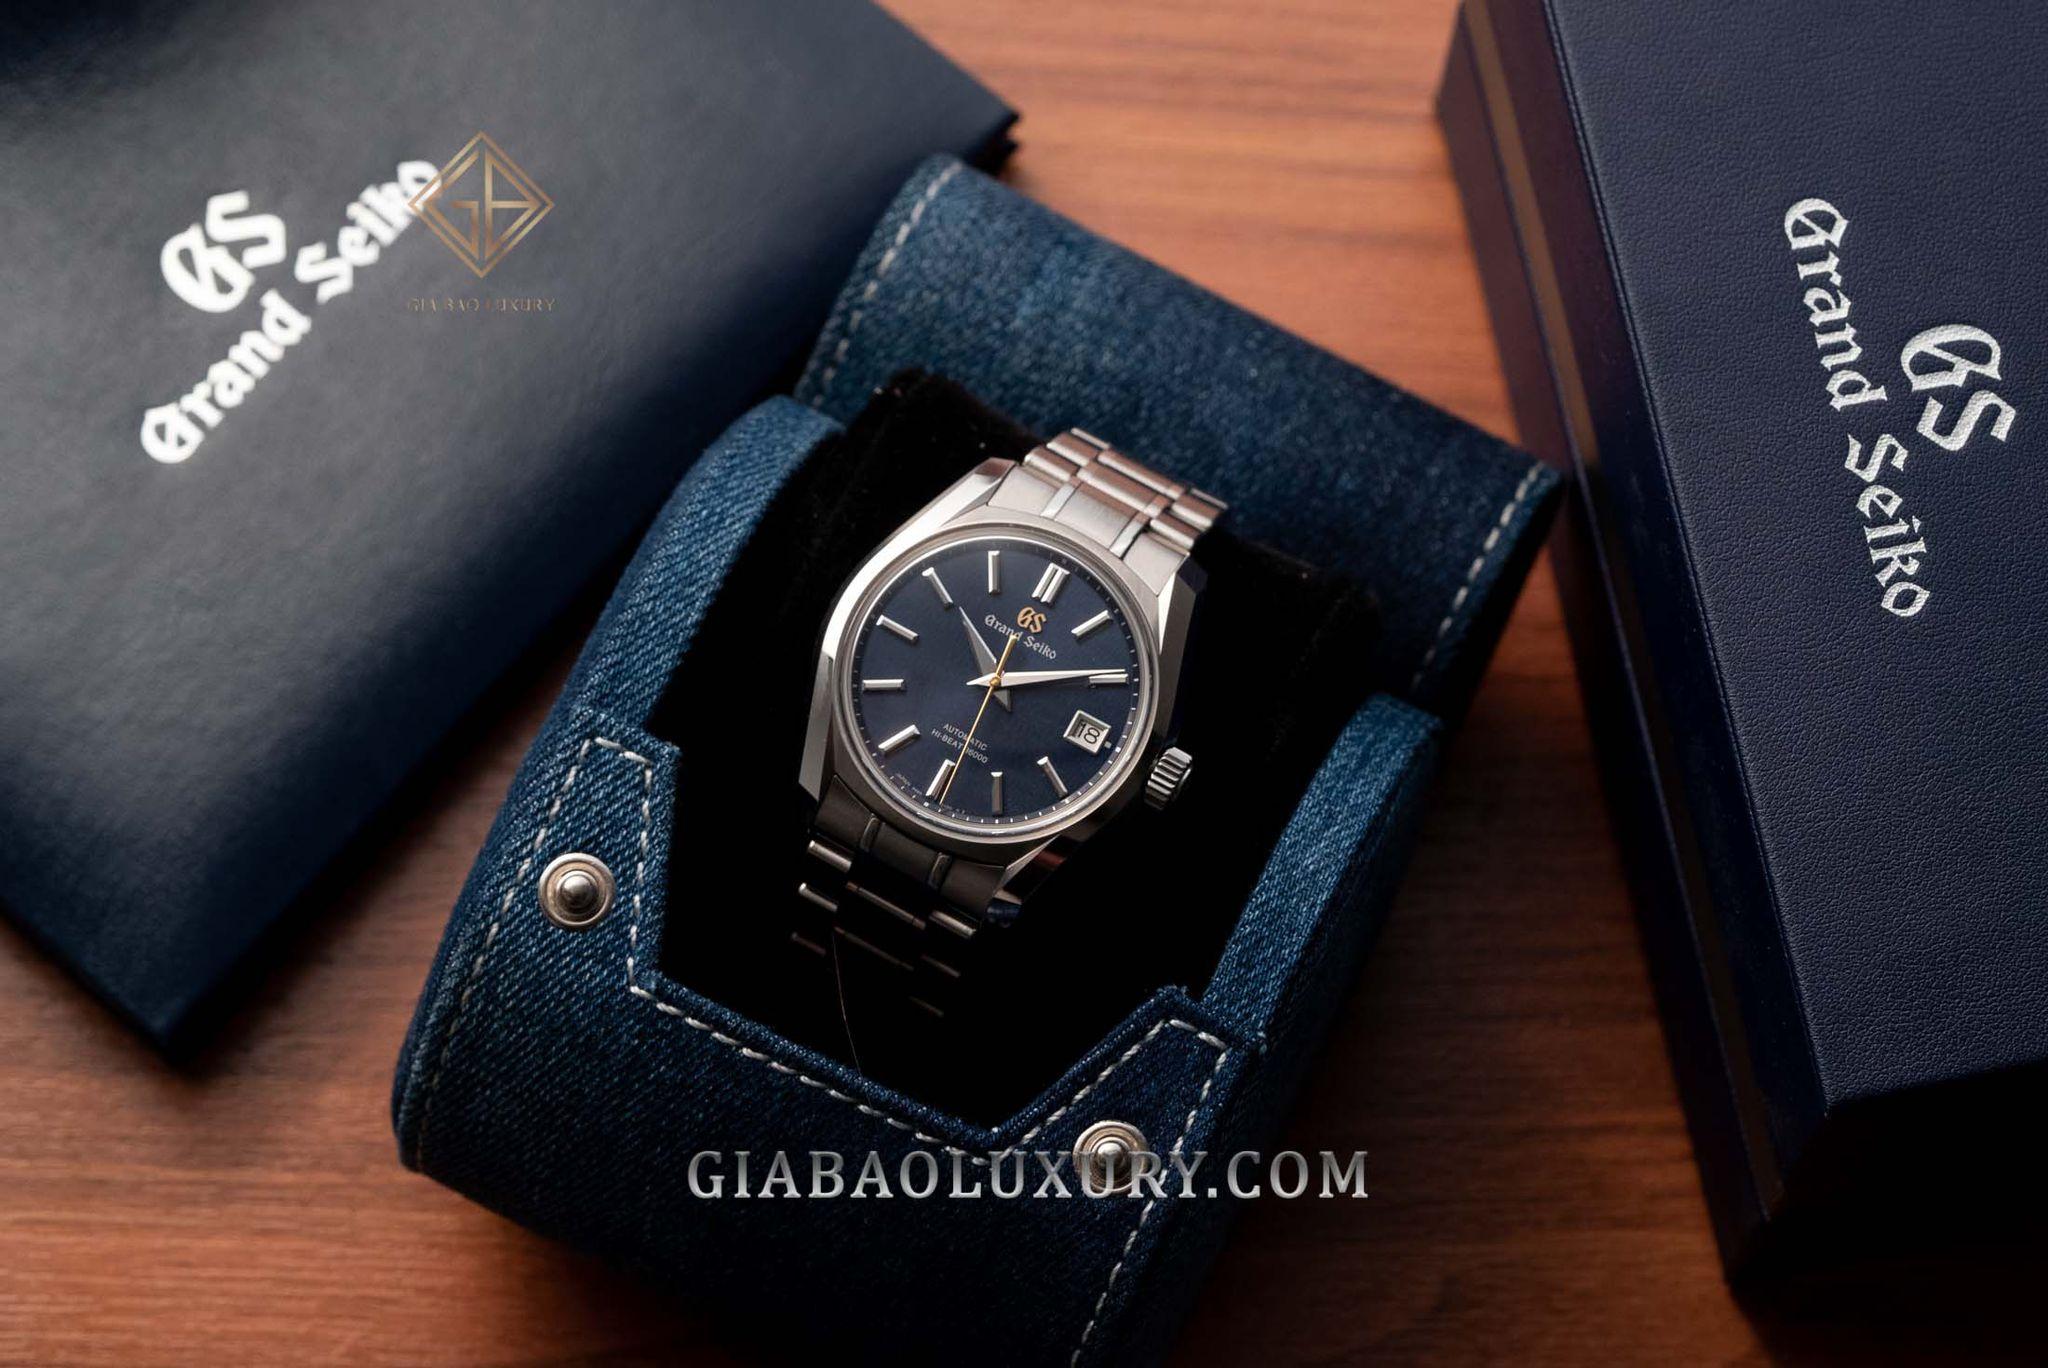 Thương hiệu Grand Seiko nổi tiếng thứ 2 Nhật Bản và bỏ xa nhiều thương hiệu đồng hồ trên thế giới về độ chính xác